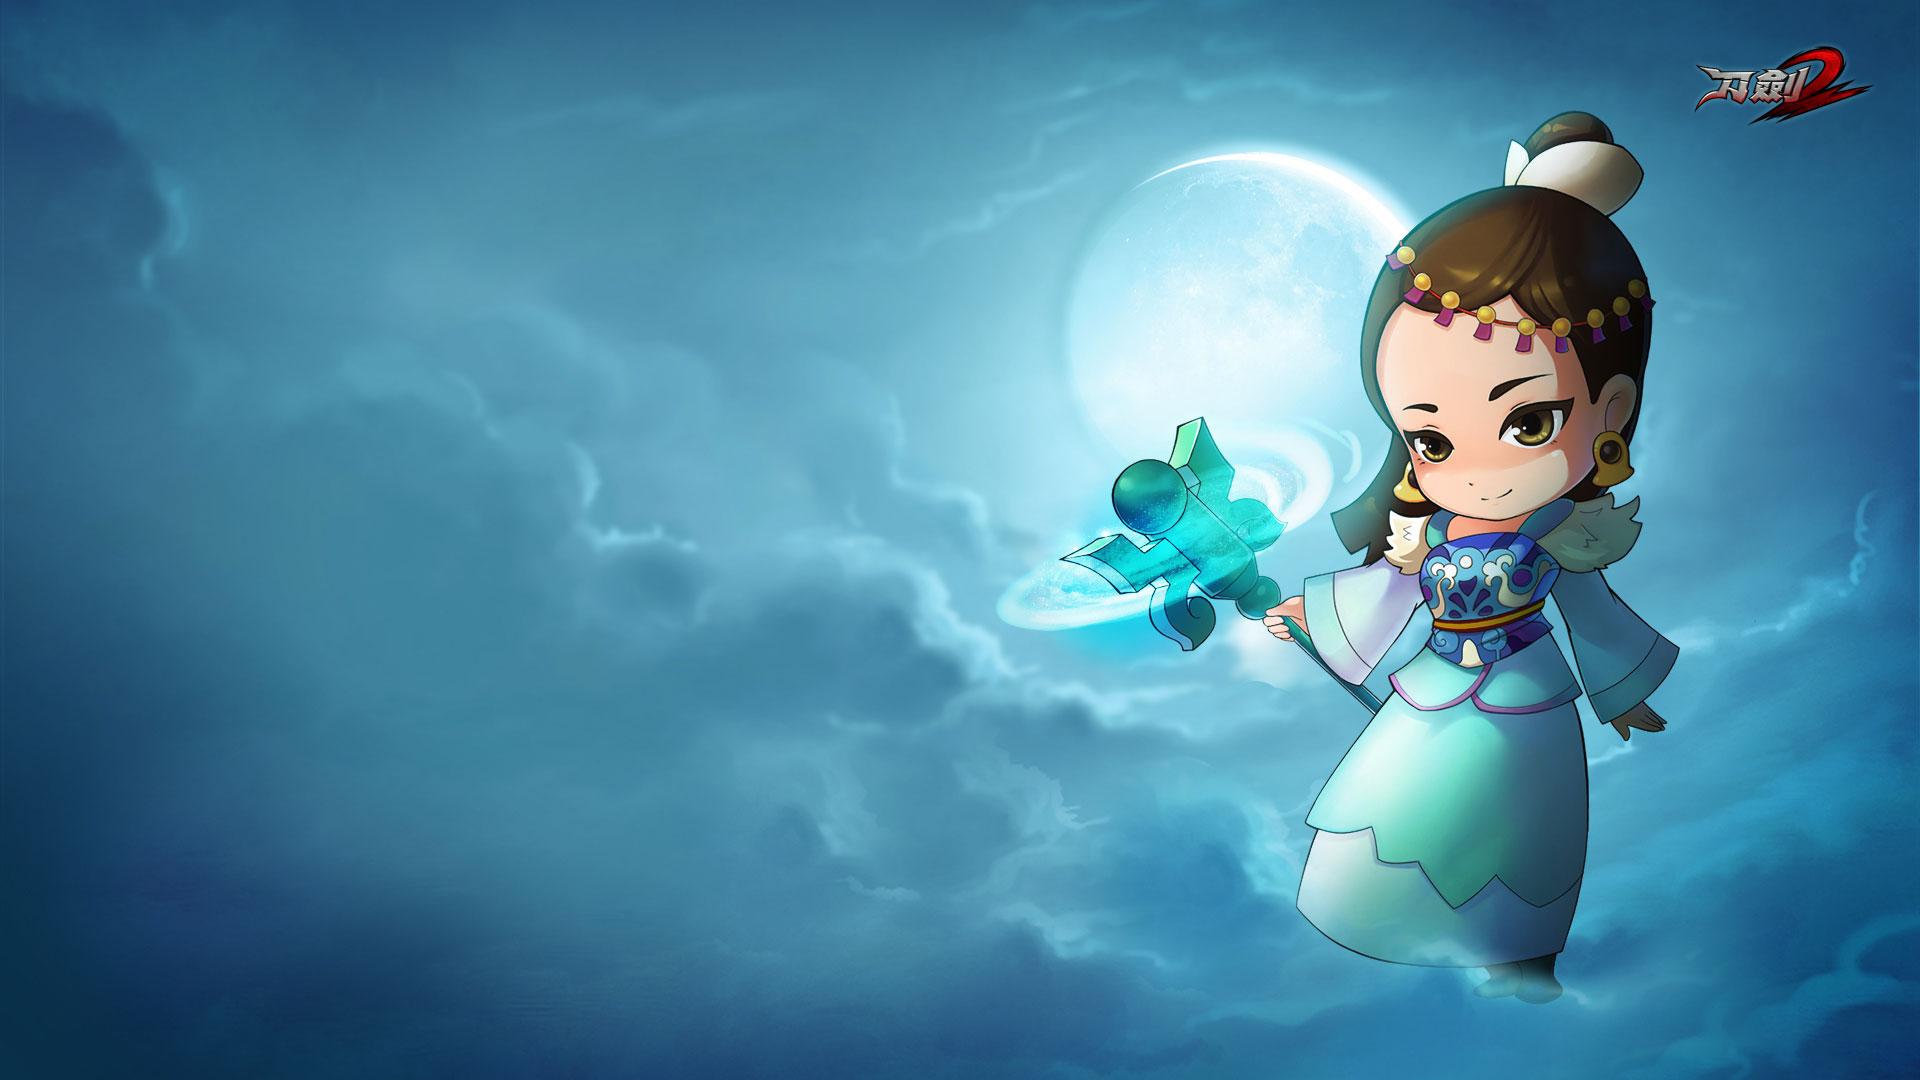 Ngắm hình nền siêu dễ thương của Đao Kiếm 2 - Ảnh 3